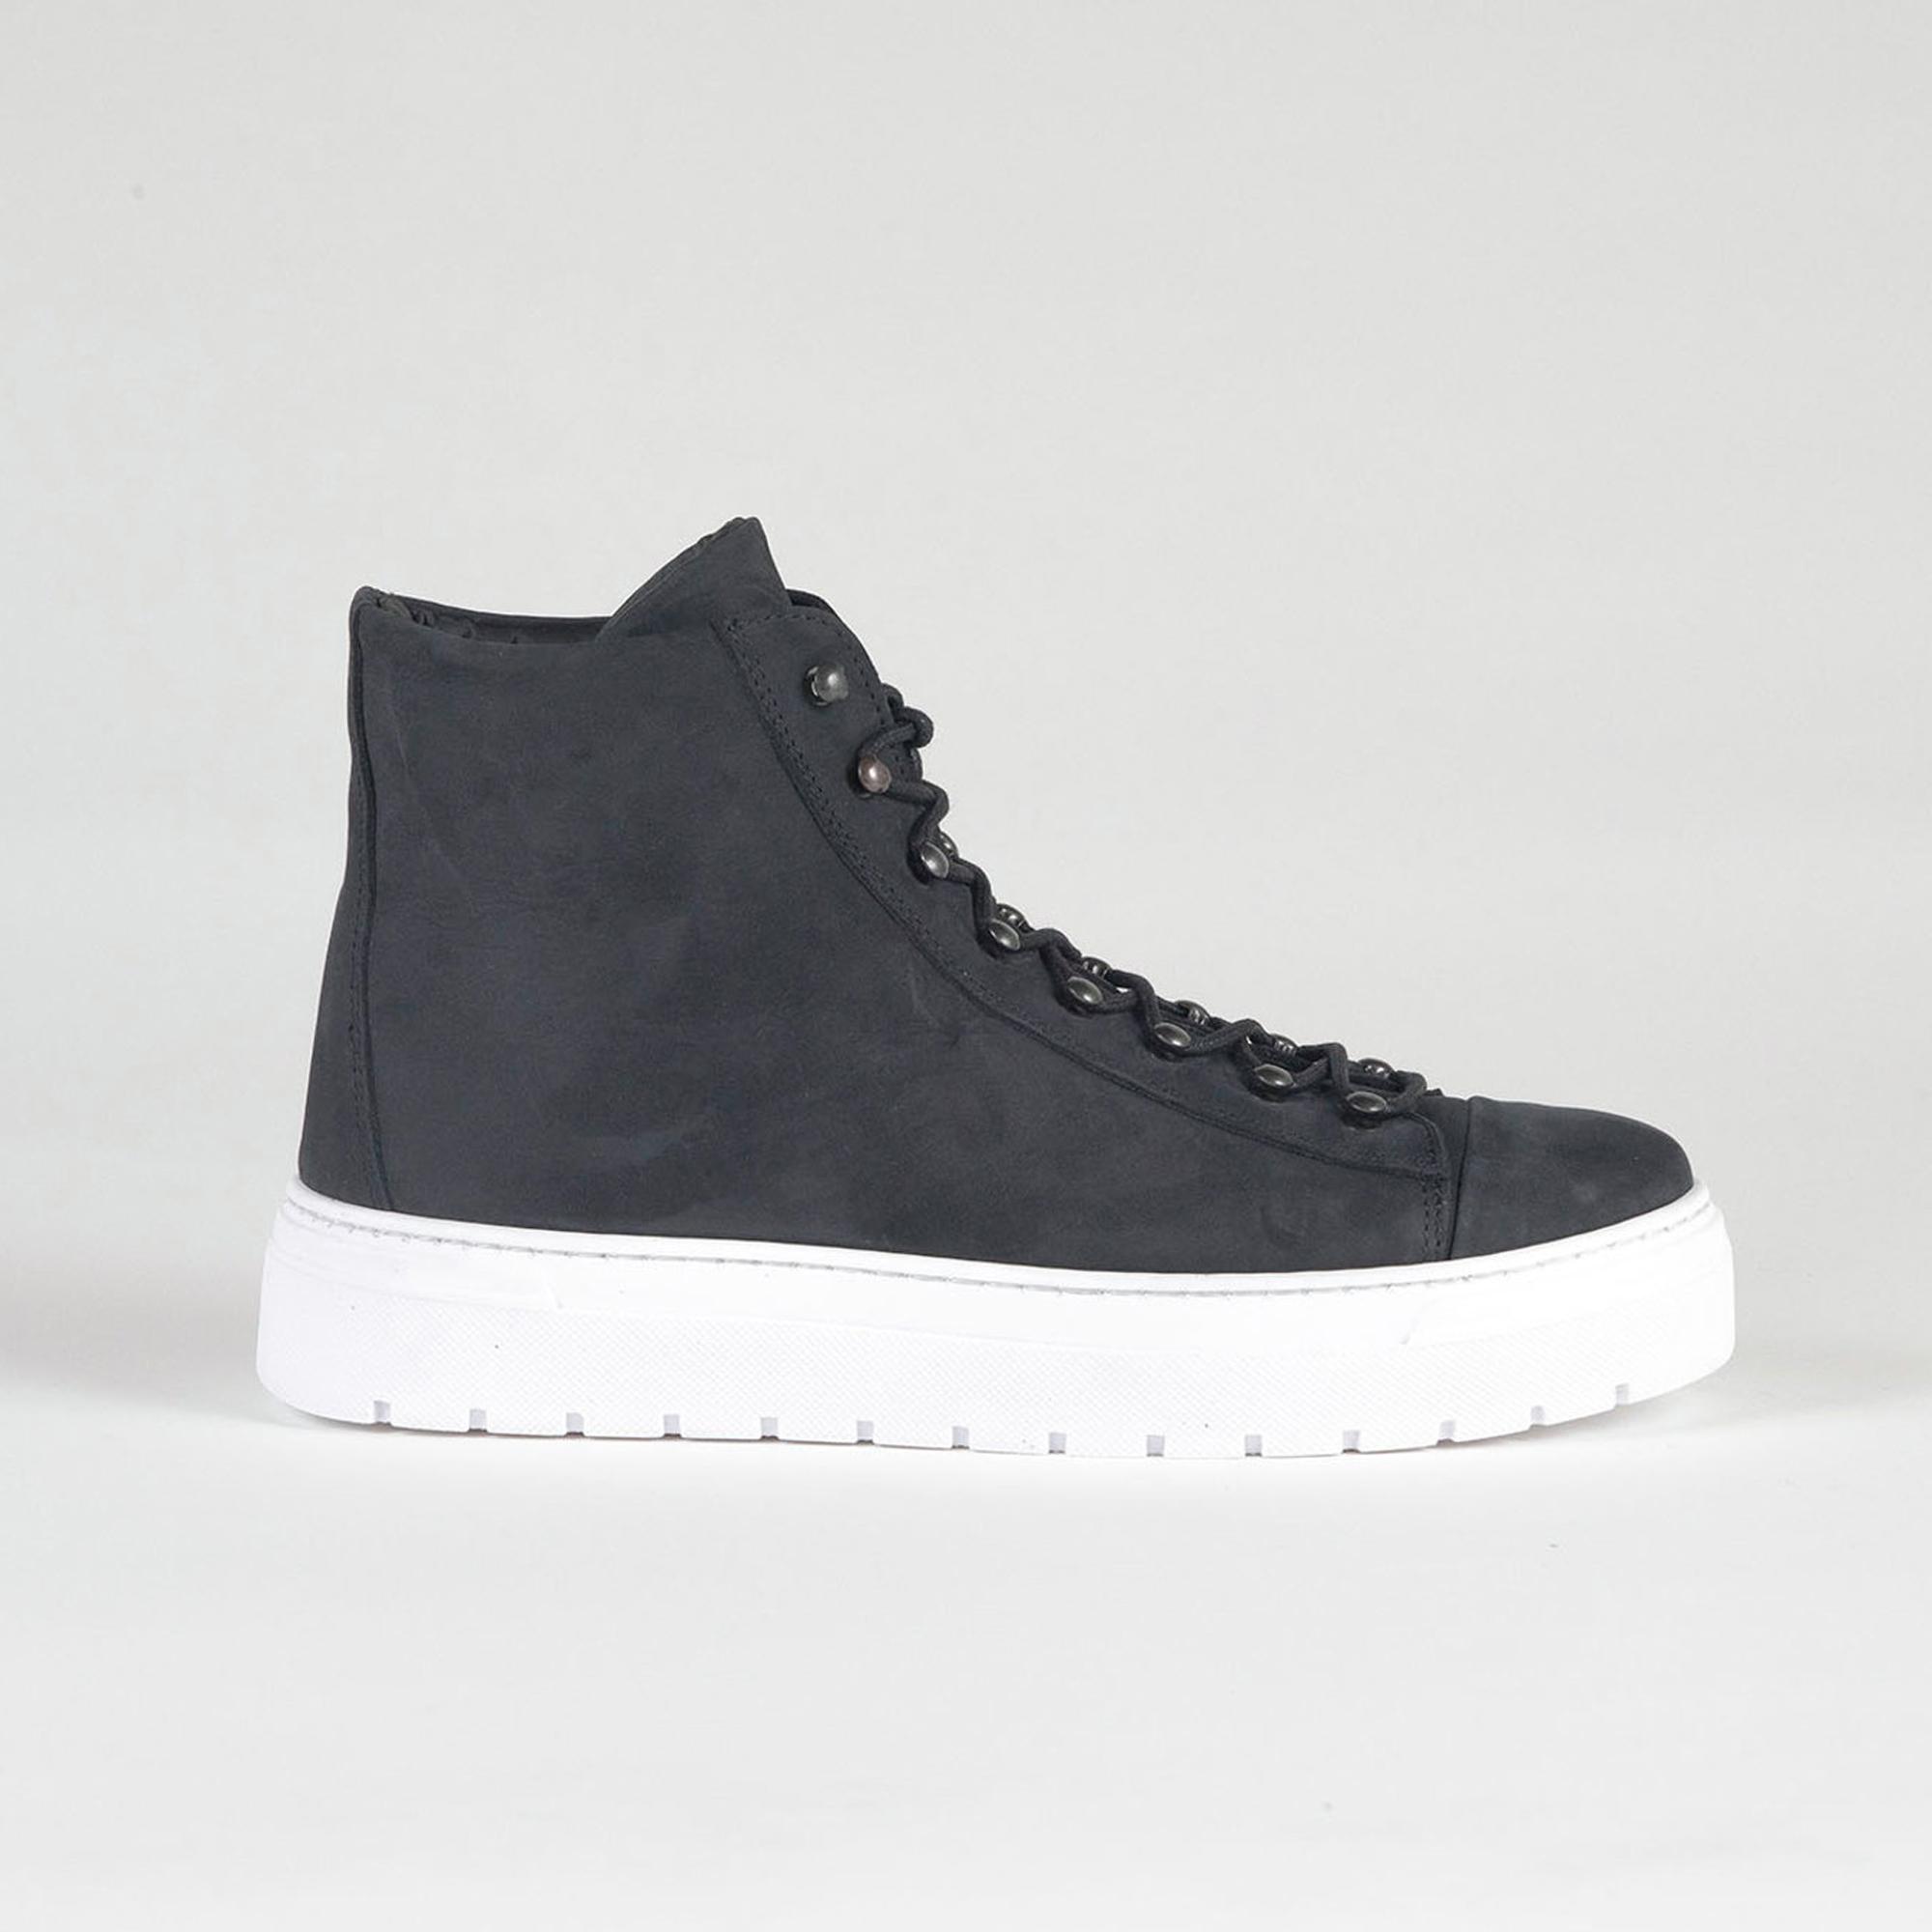 sneakers high black side